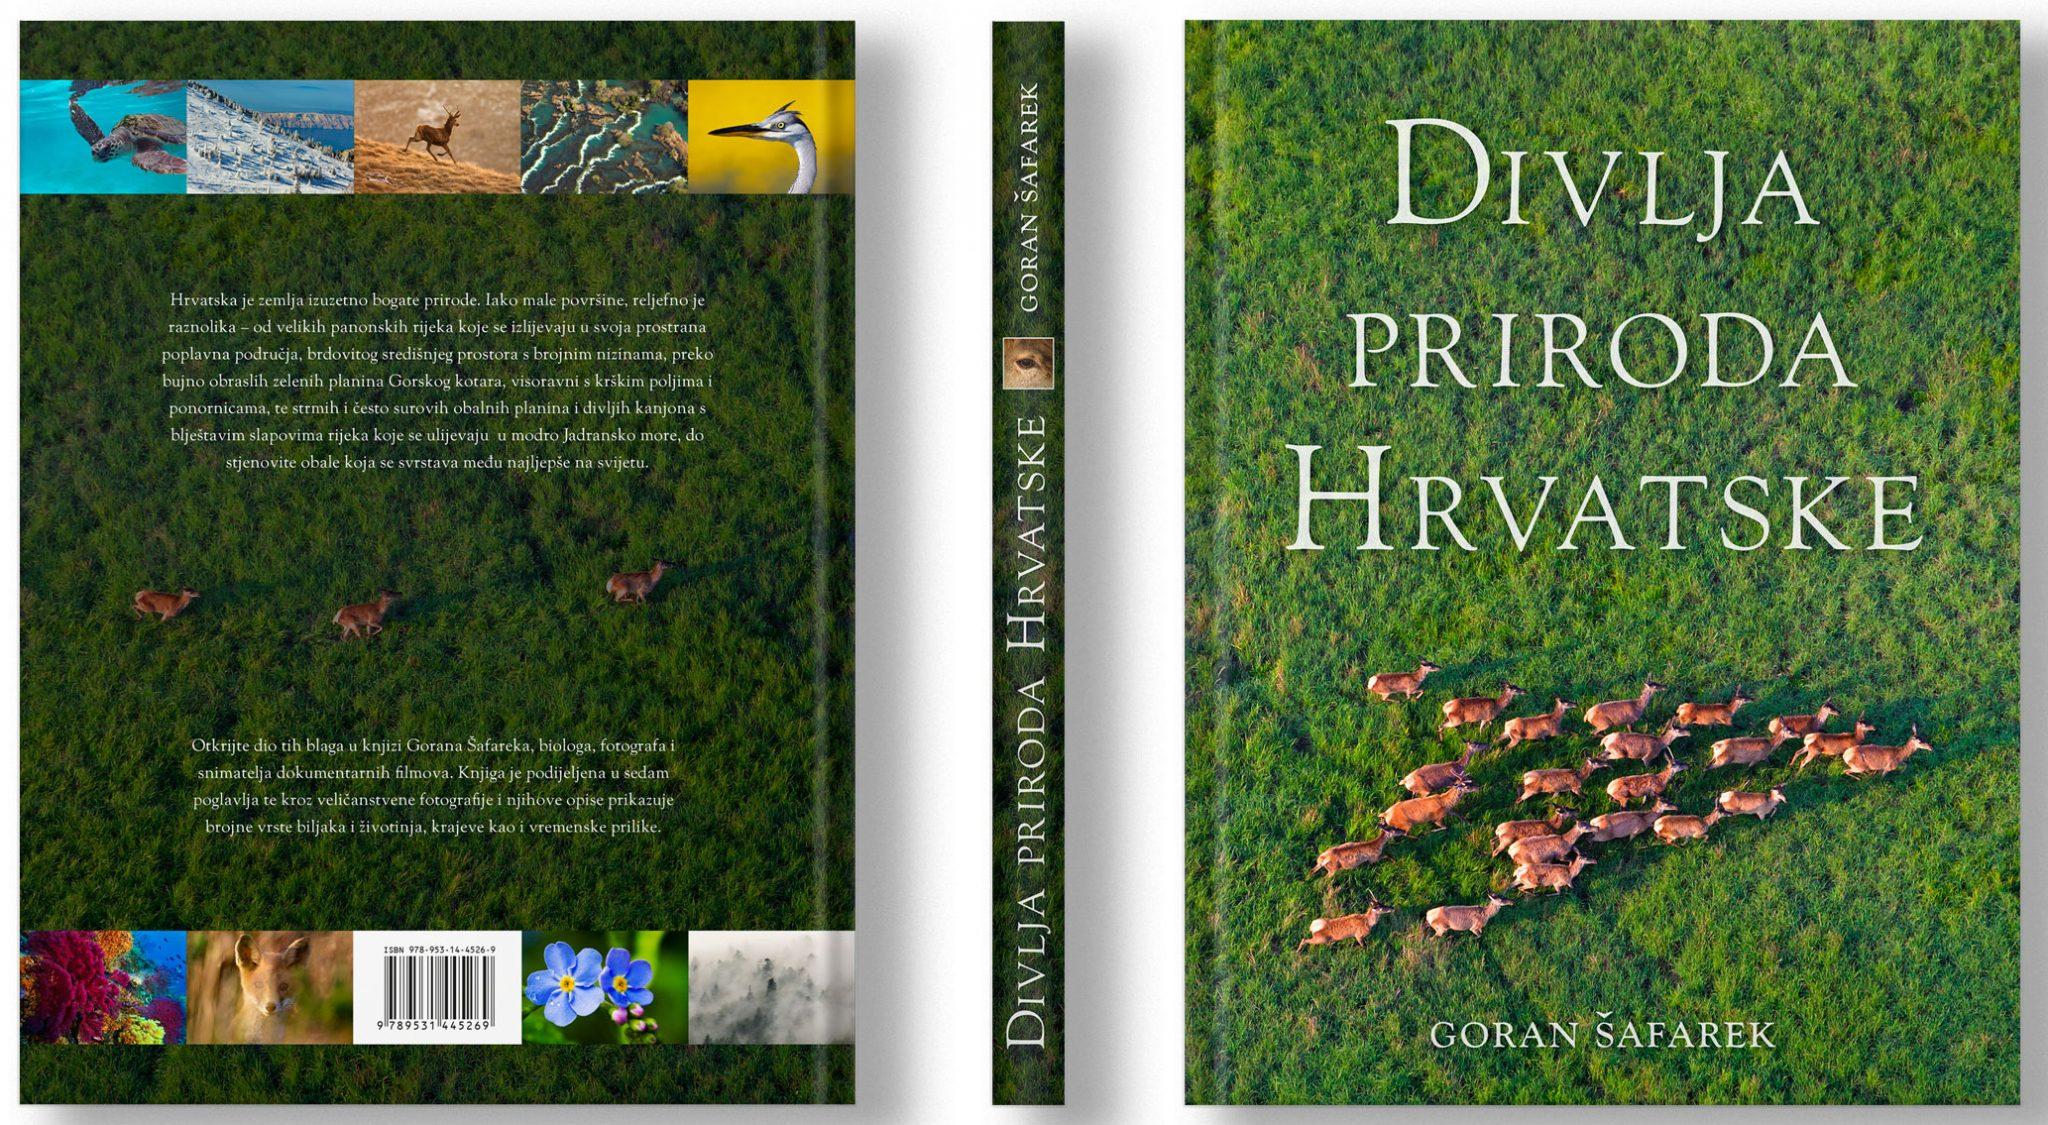 Nova knjiga: Divlja priroda Hrvatske